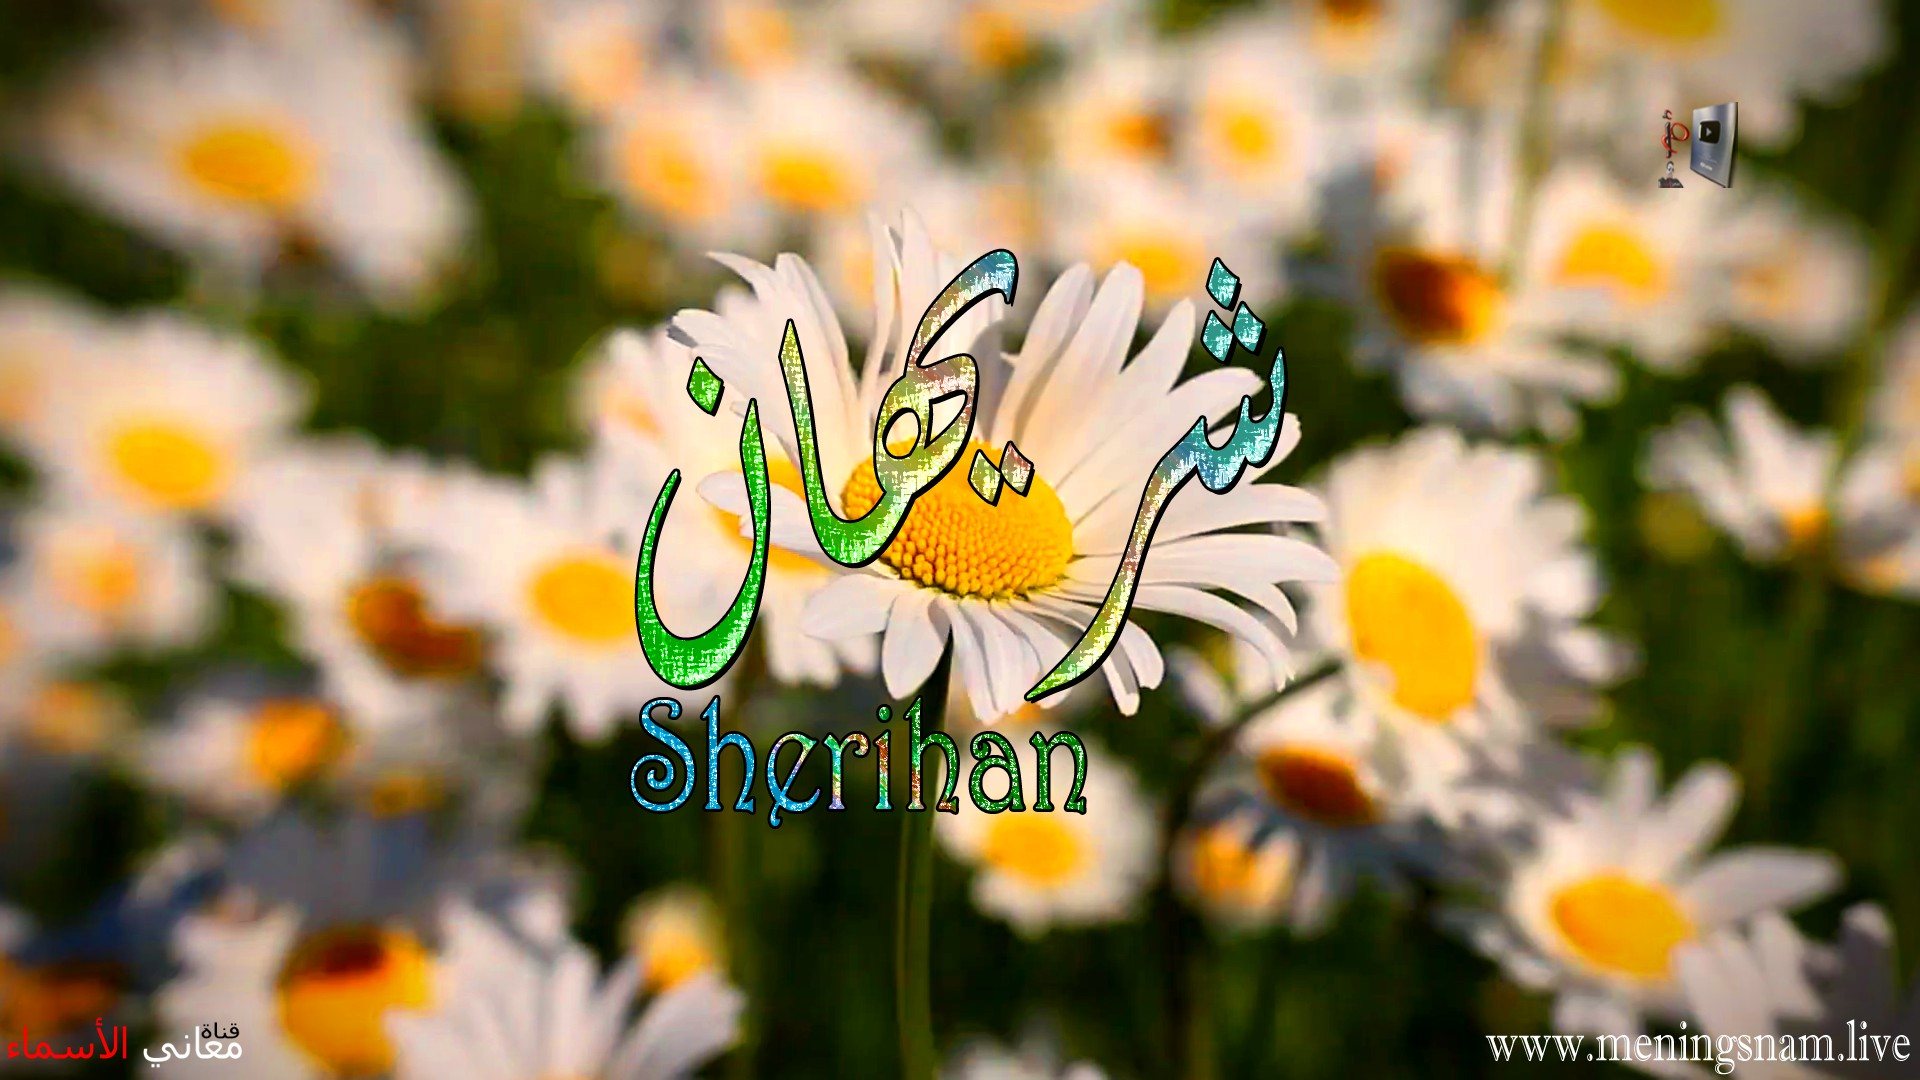 معنى اسم شريهان وصفات حاملة هذا الاسم Sherihan